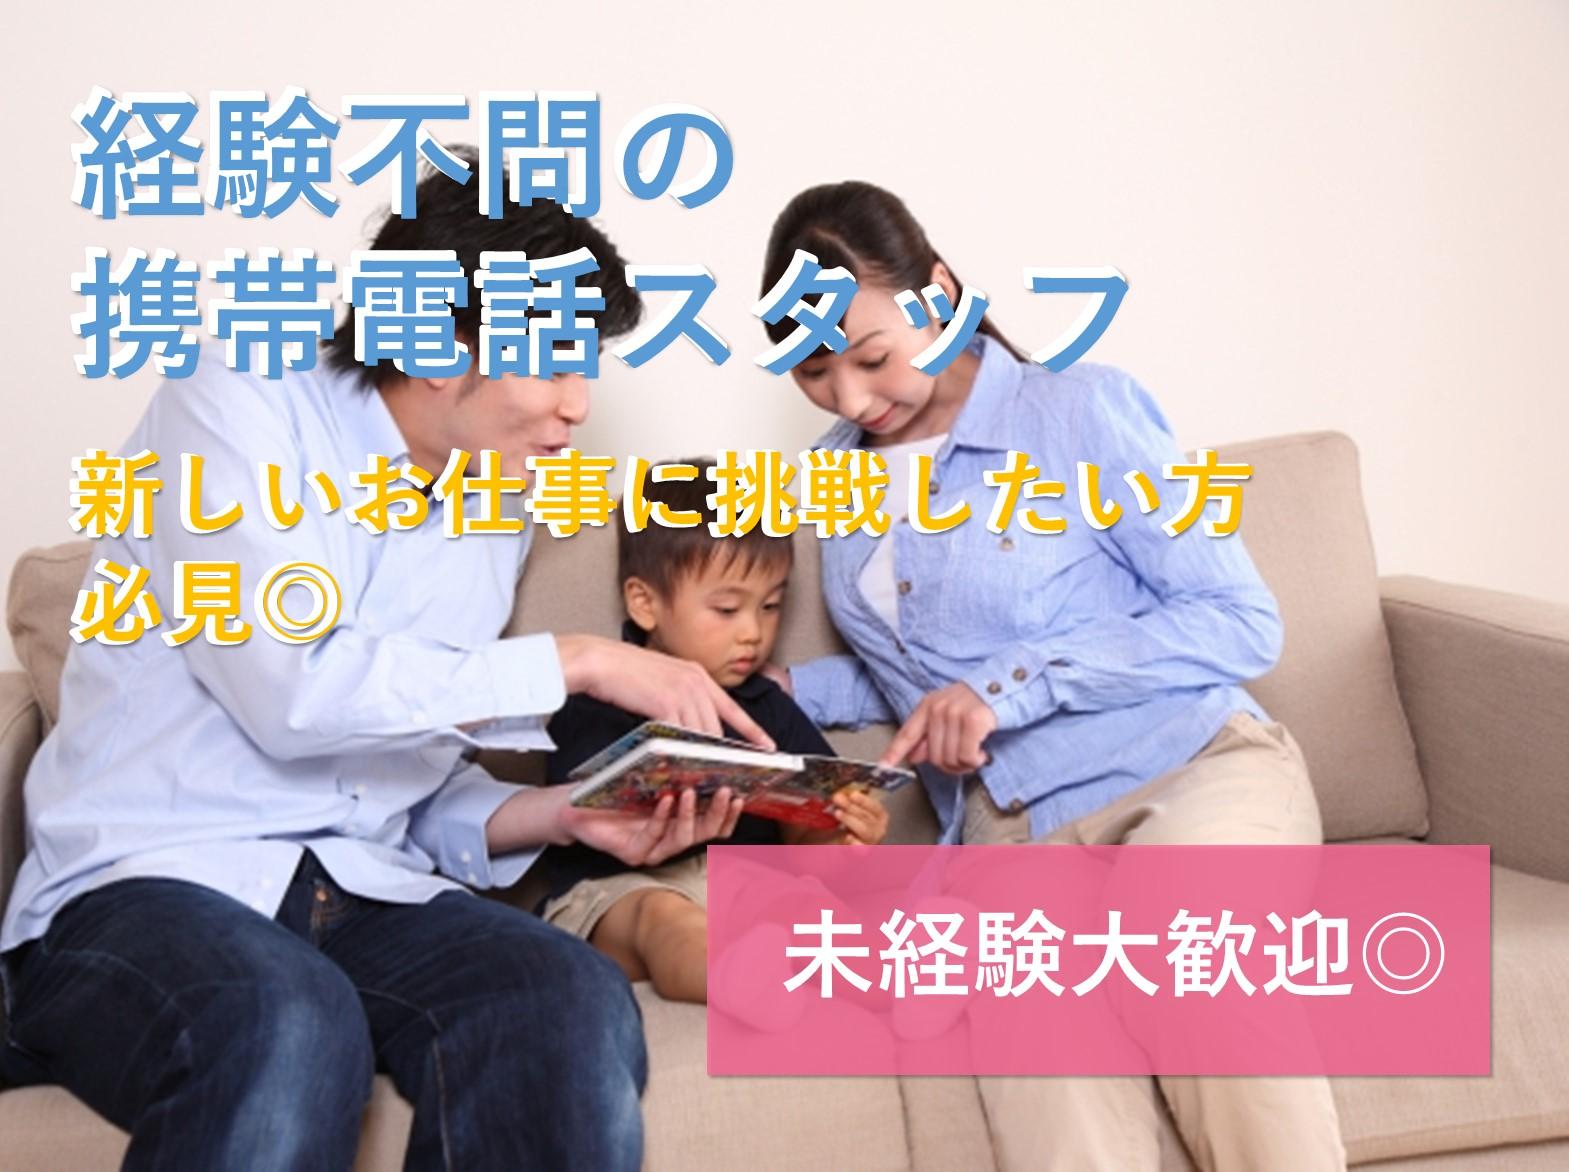 【知識が身につく!】社員同士仲が良い♪携帯電話スタッフ急募【名古屋市東区で急募】 イメージ